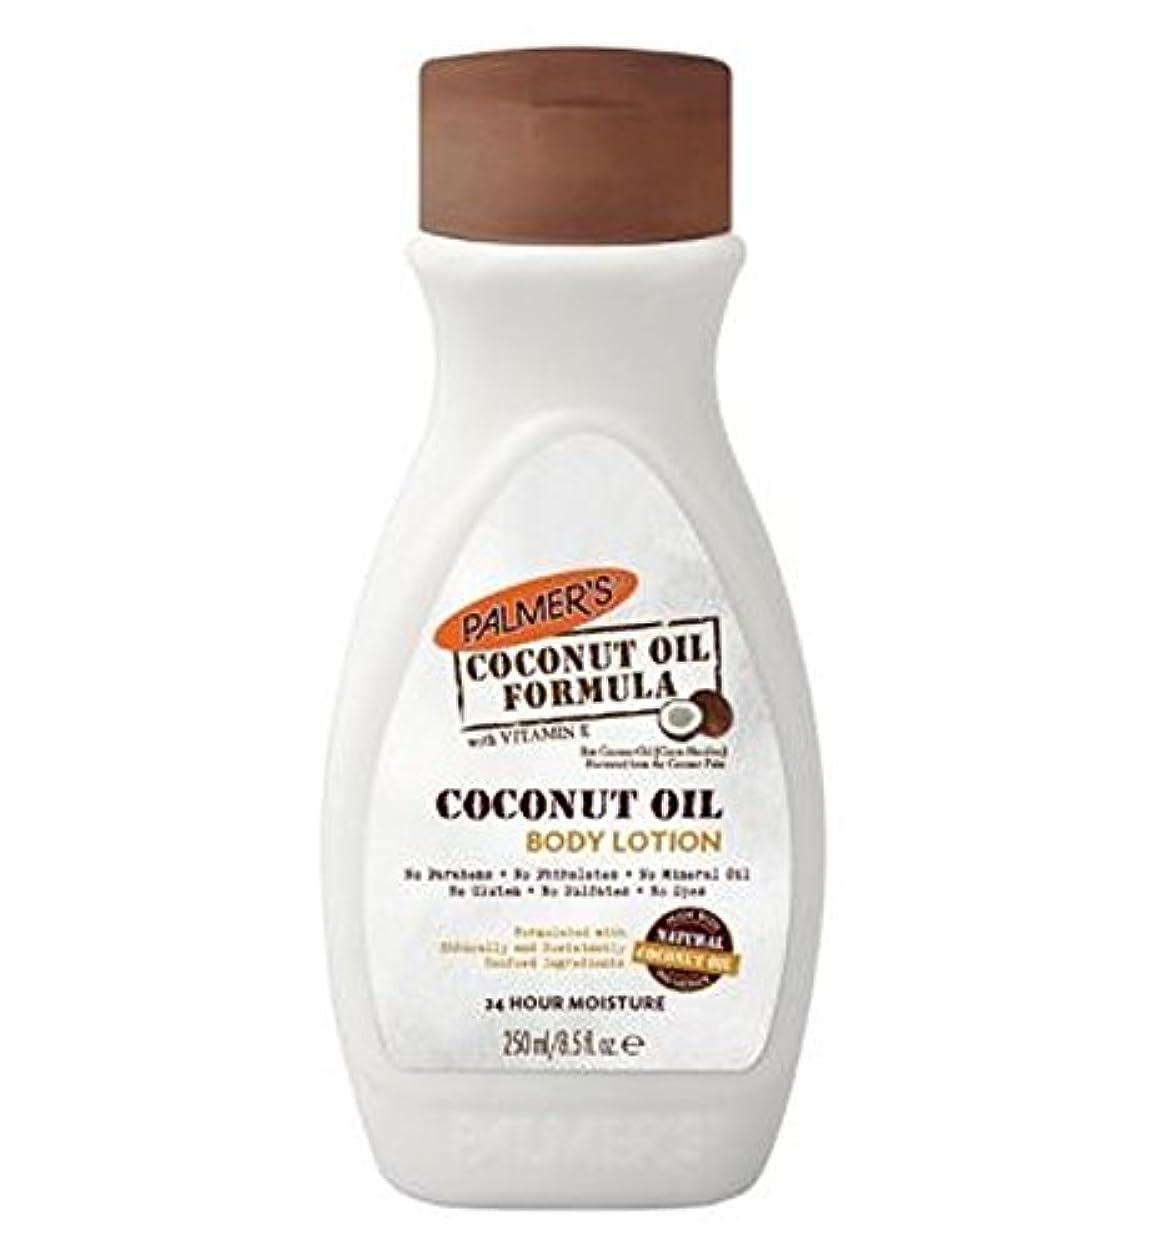 絡み合い膨張するメロドラマパーマーのココナッツオイル式ボディローション250ミリリットル (Palmer's) (x2) - Palmer's Coconut Oil Formula Body Lotion 250ml (Pack of 2) [...